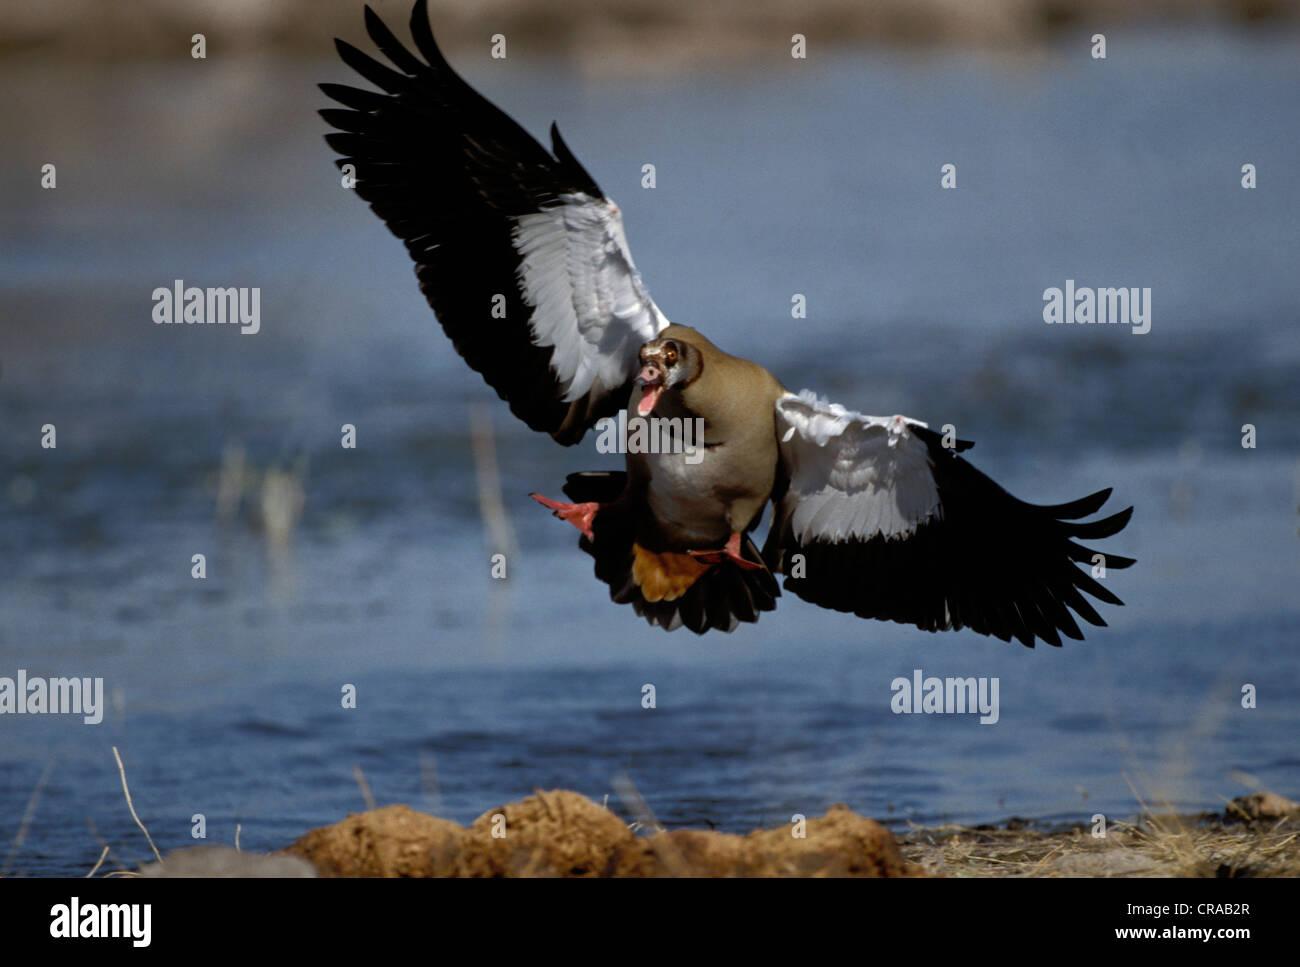 Egyptian goose (Alopochen aegyptiacus), affichage de la menace, Etosha National Park, Namibie, Afrique Photo Stock